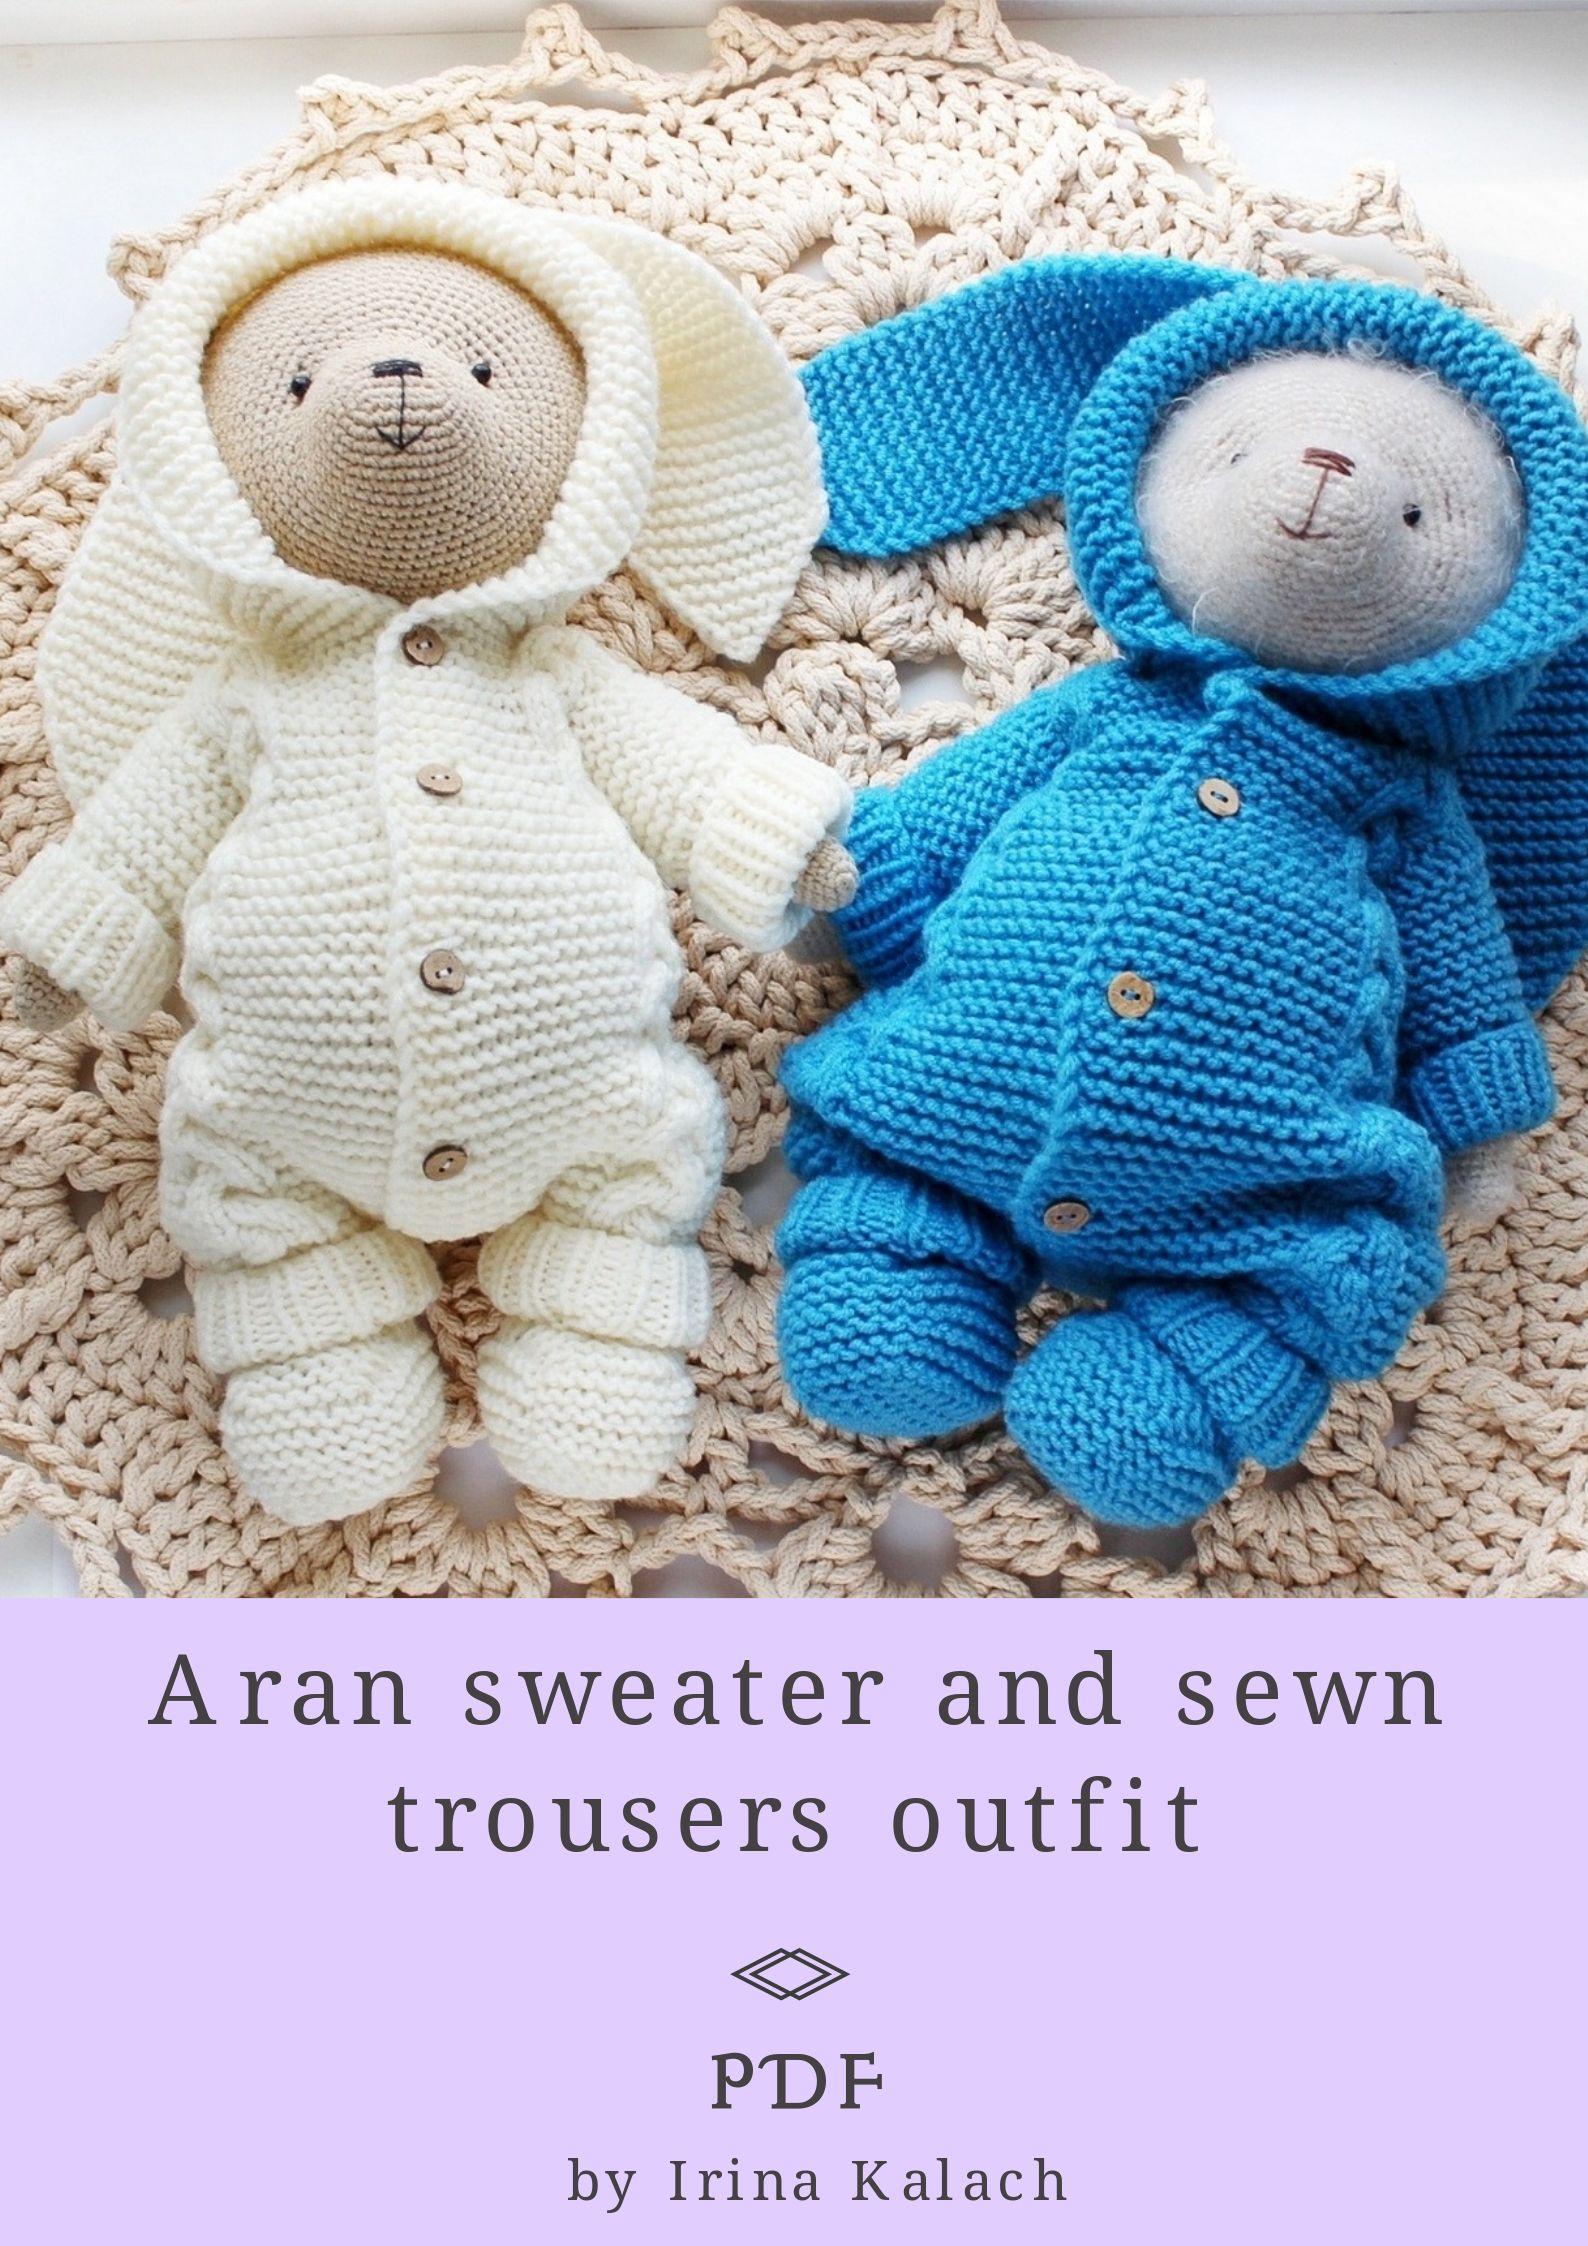 PATTERN Crochet Teddy bear. PATTERN Amigurumi Teddy bear. PATTERN Teddy Bears Outfits